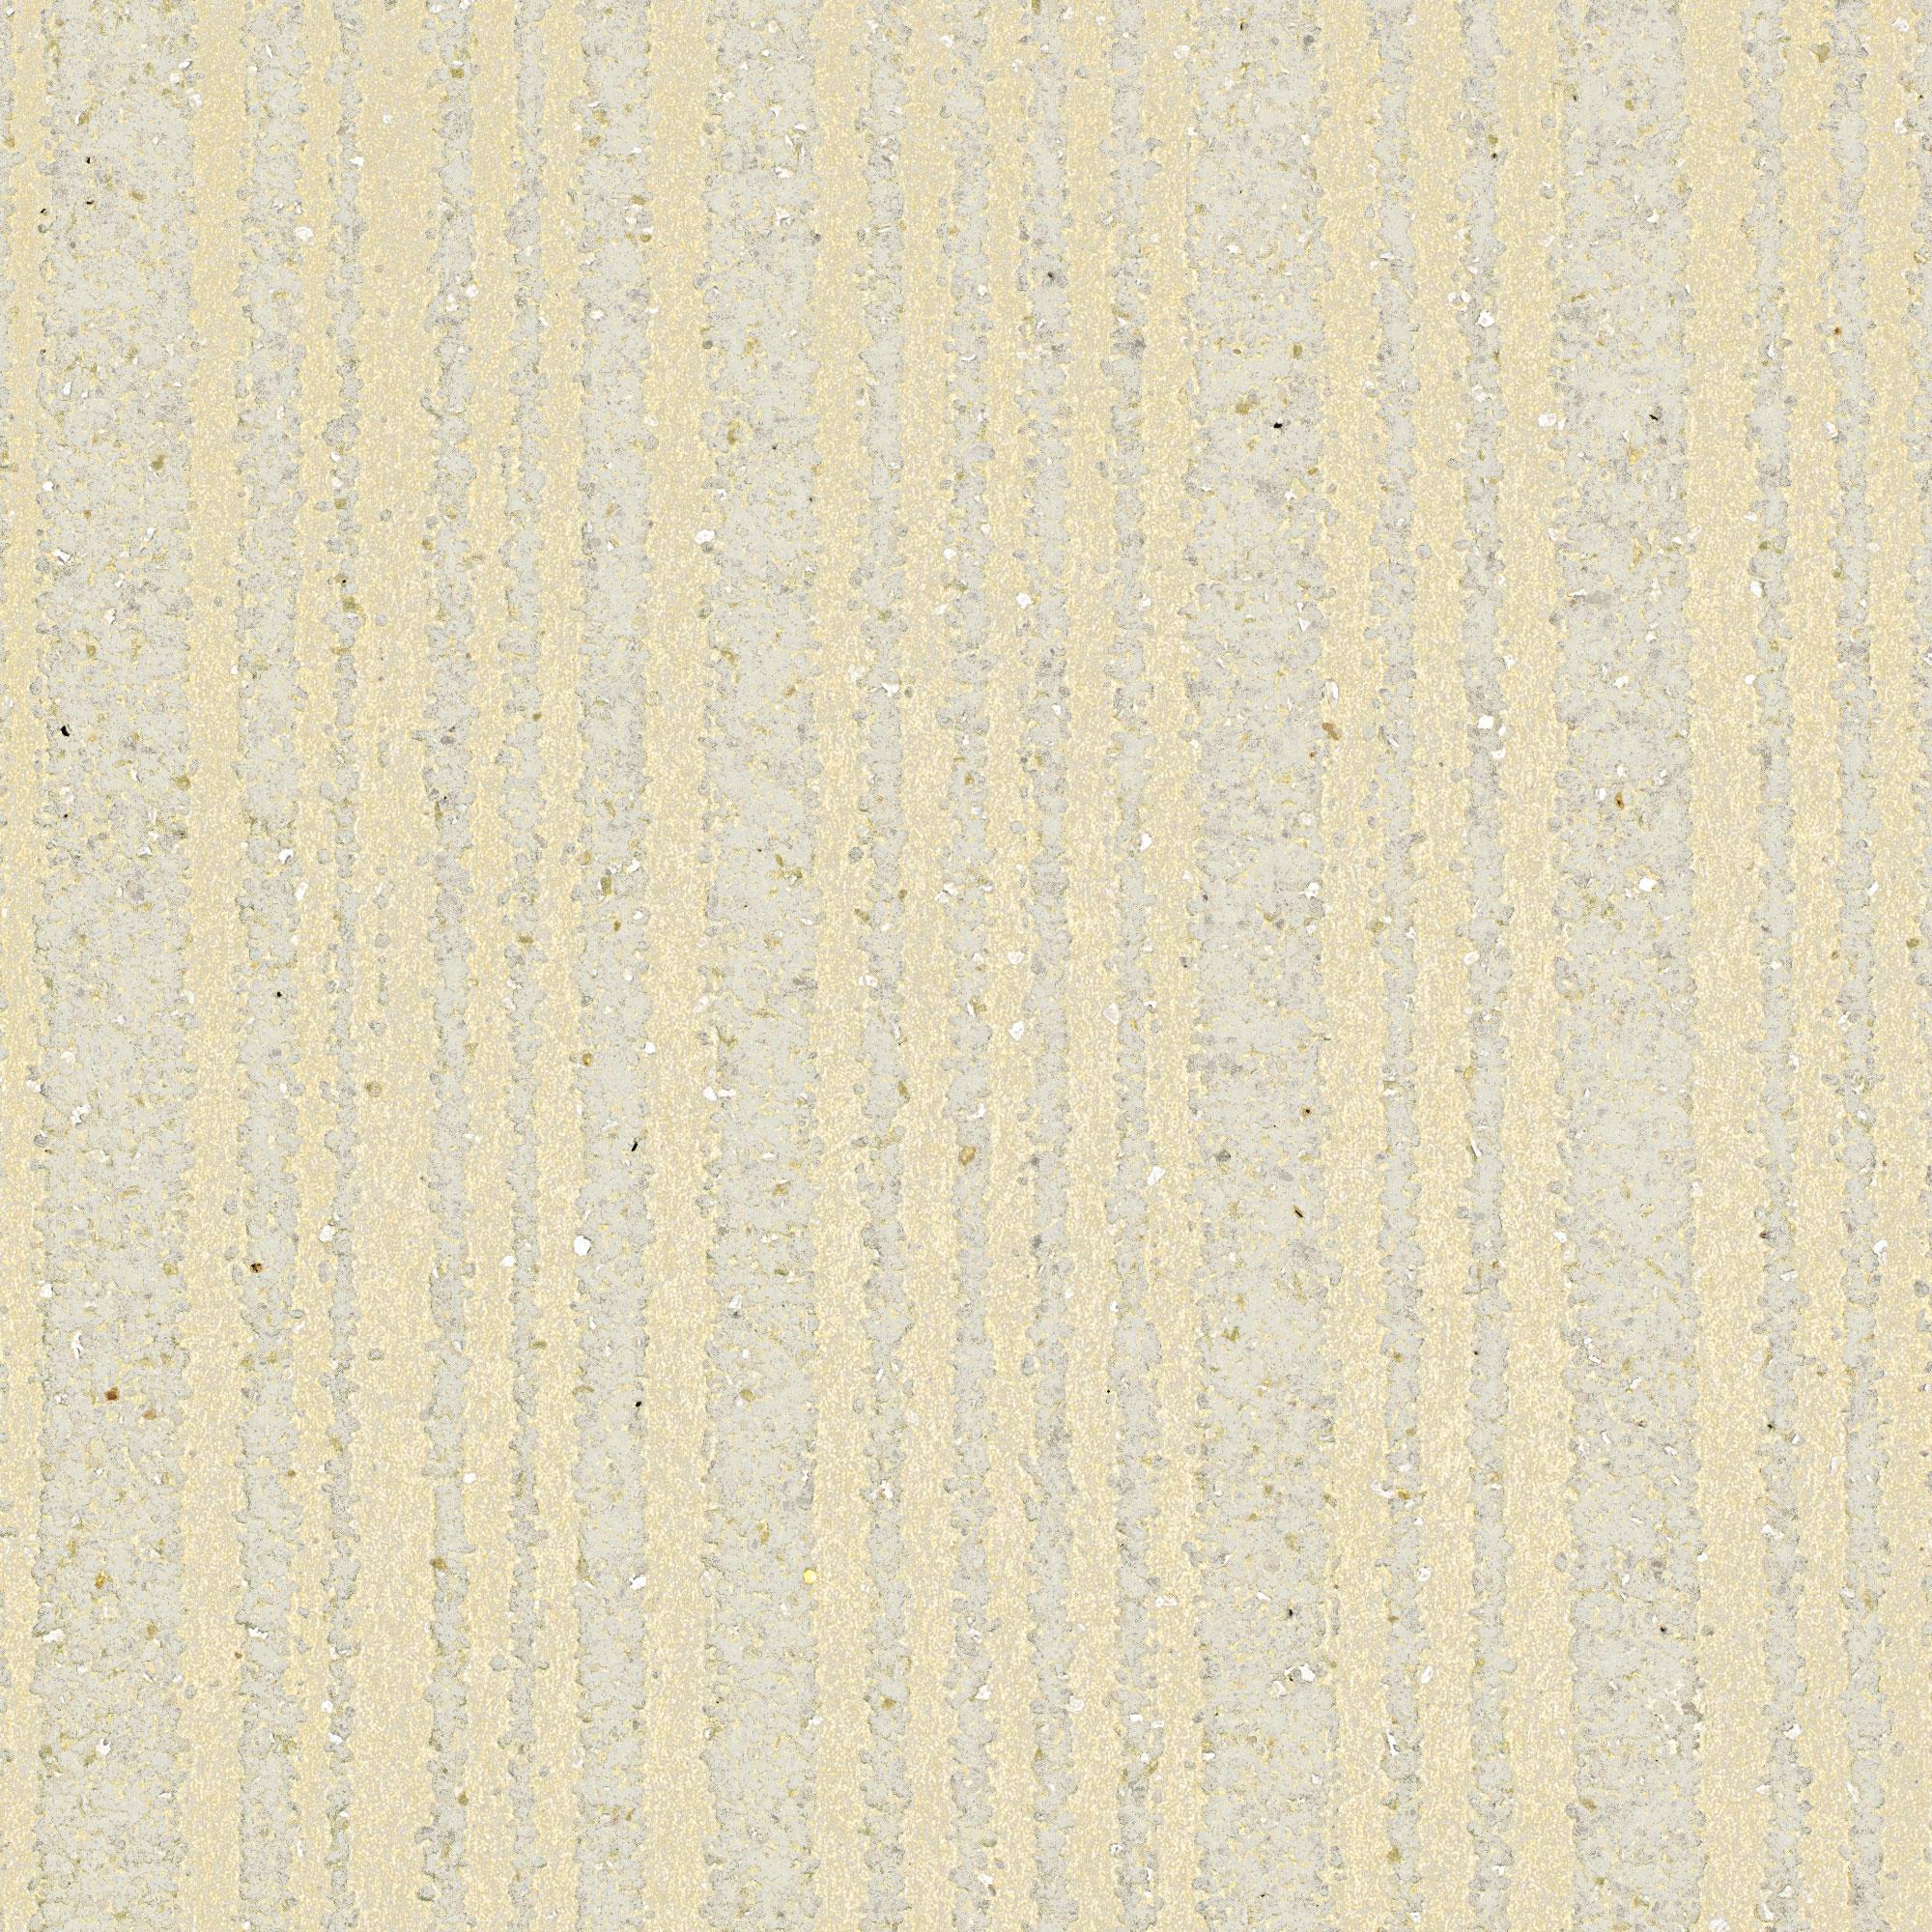 swatch-WL412-06-northsands-opalescent-edit-web.jpg